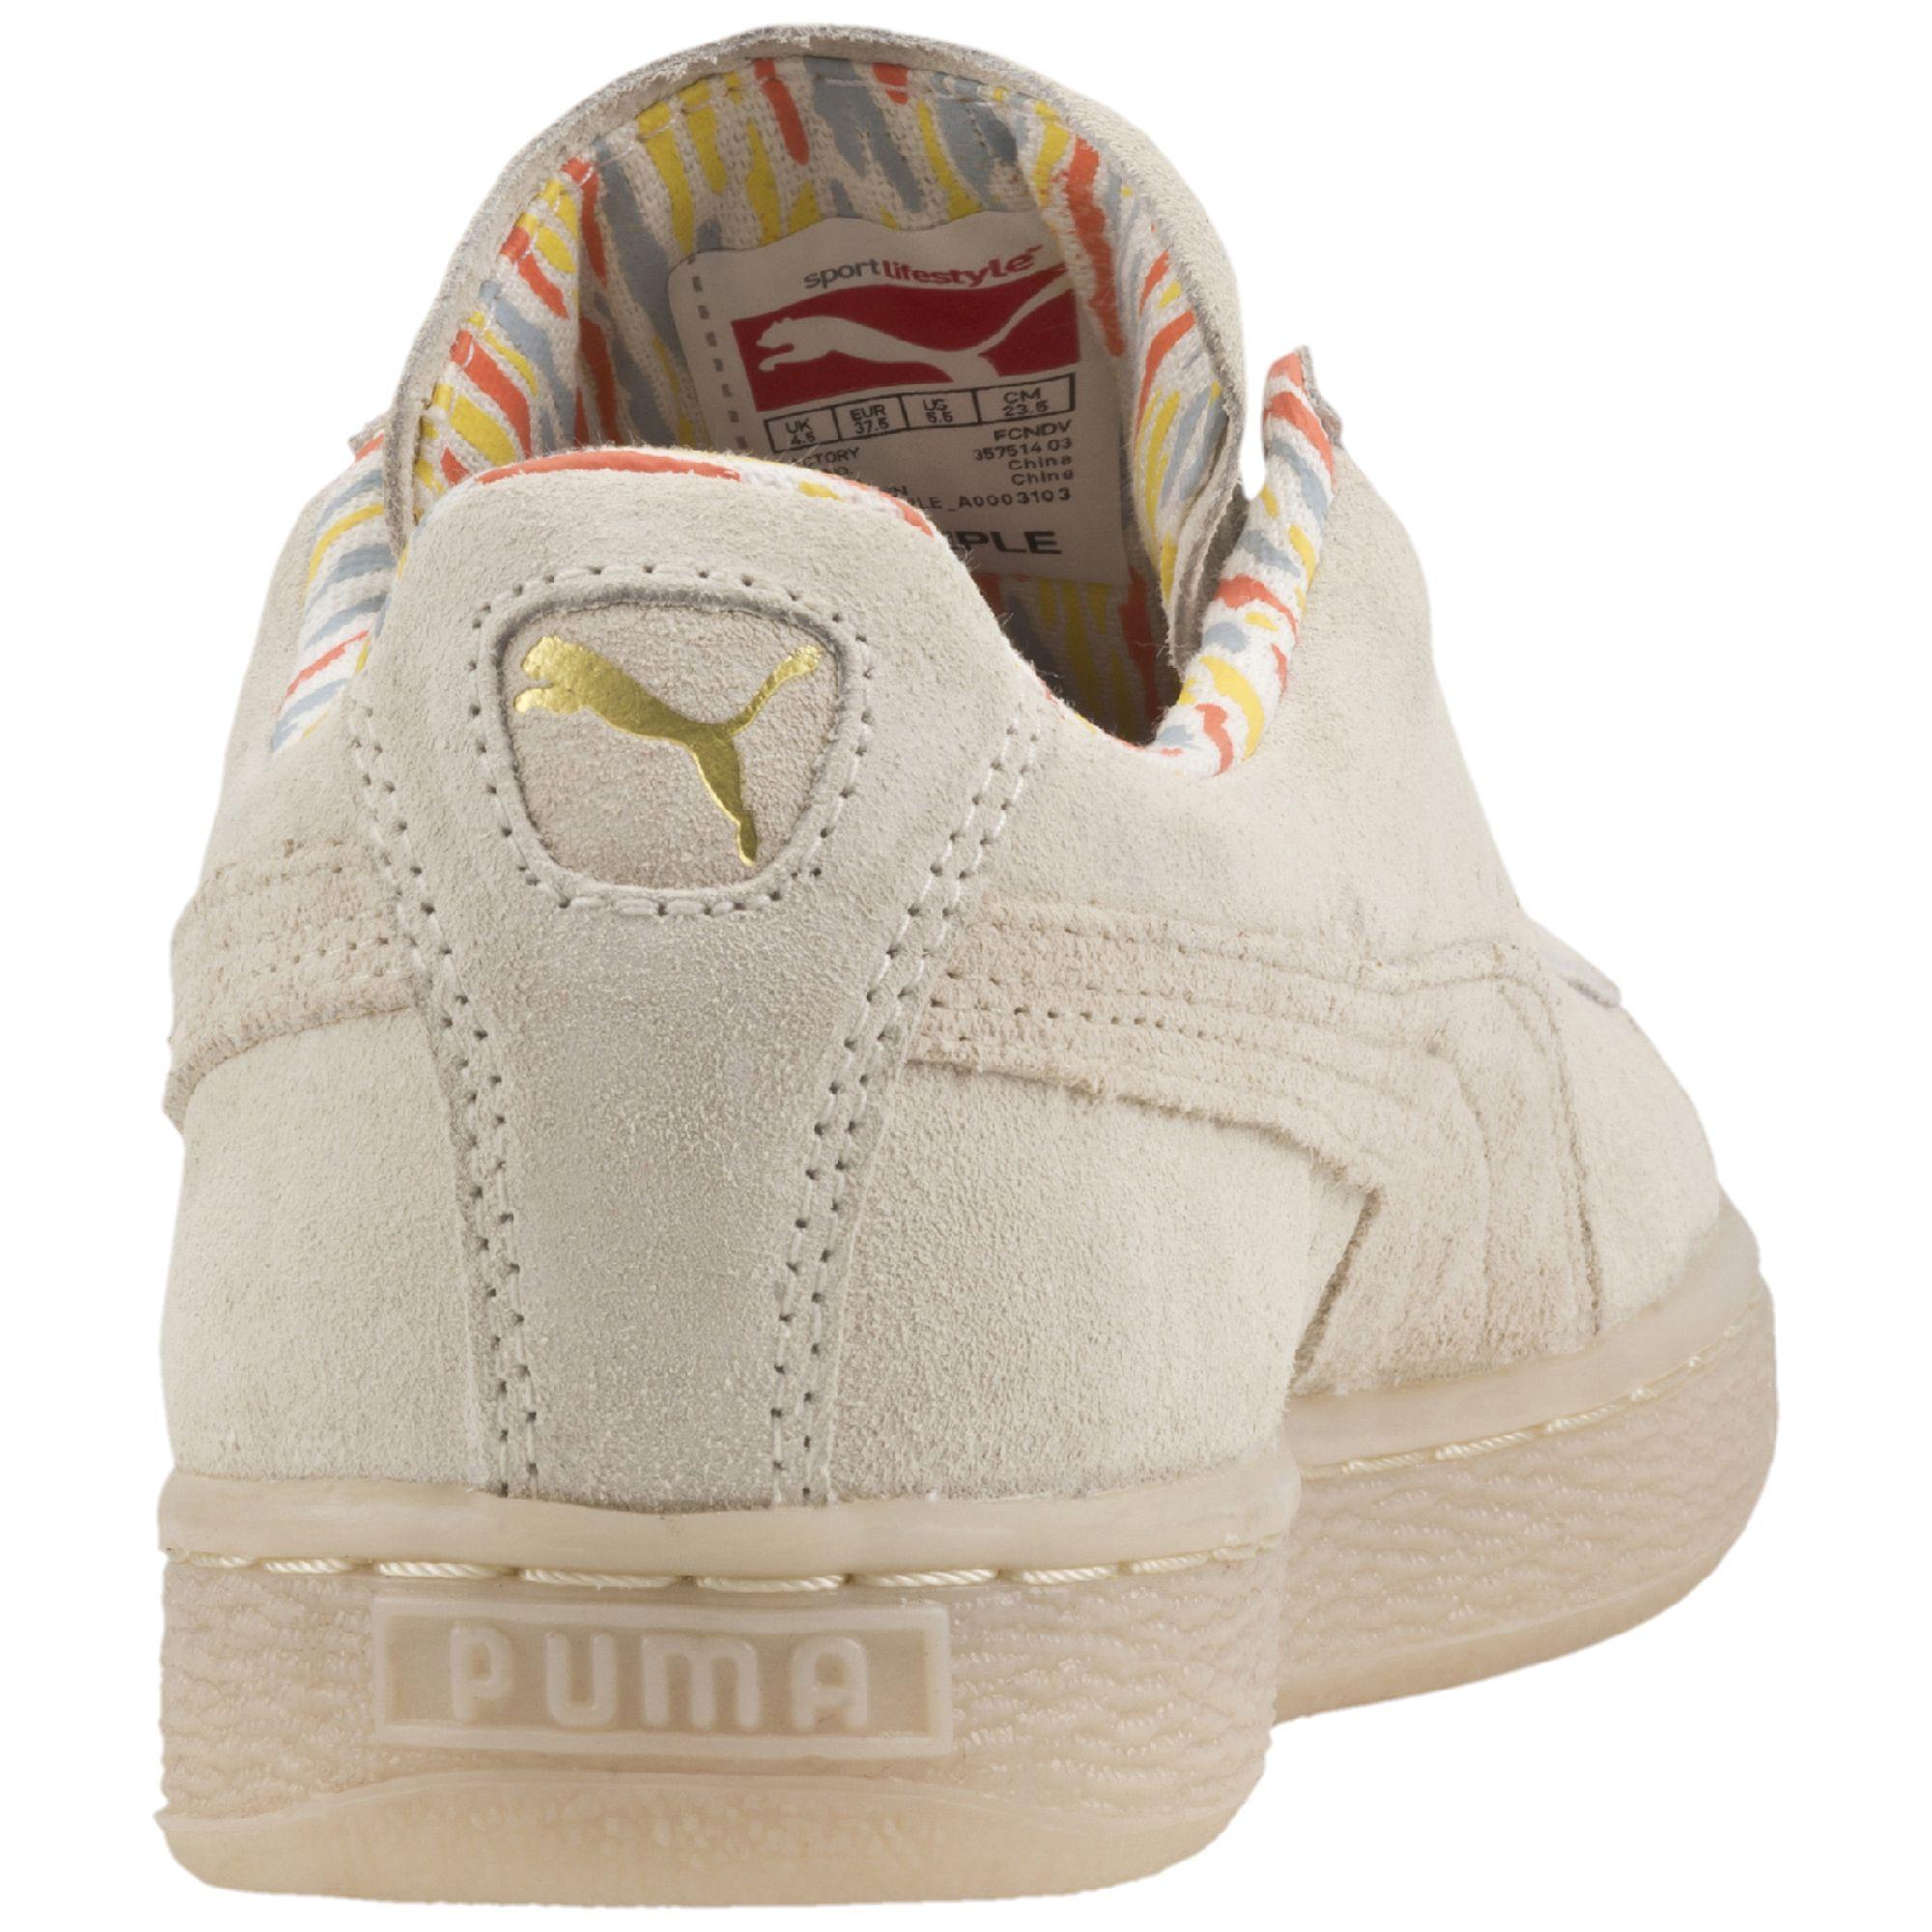 Puma Suede Classic Damen Weiß